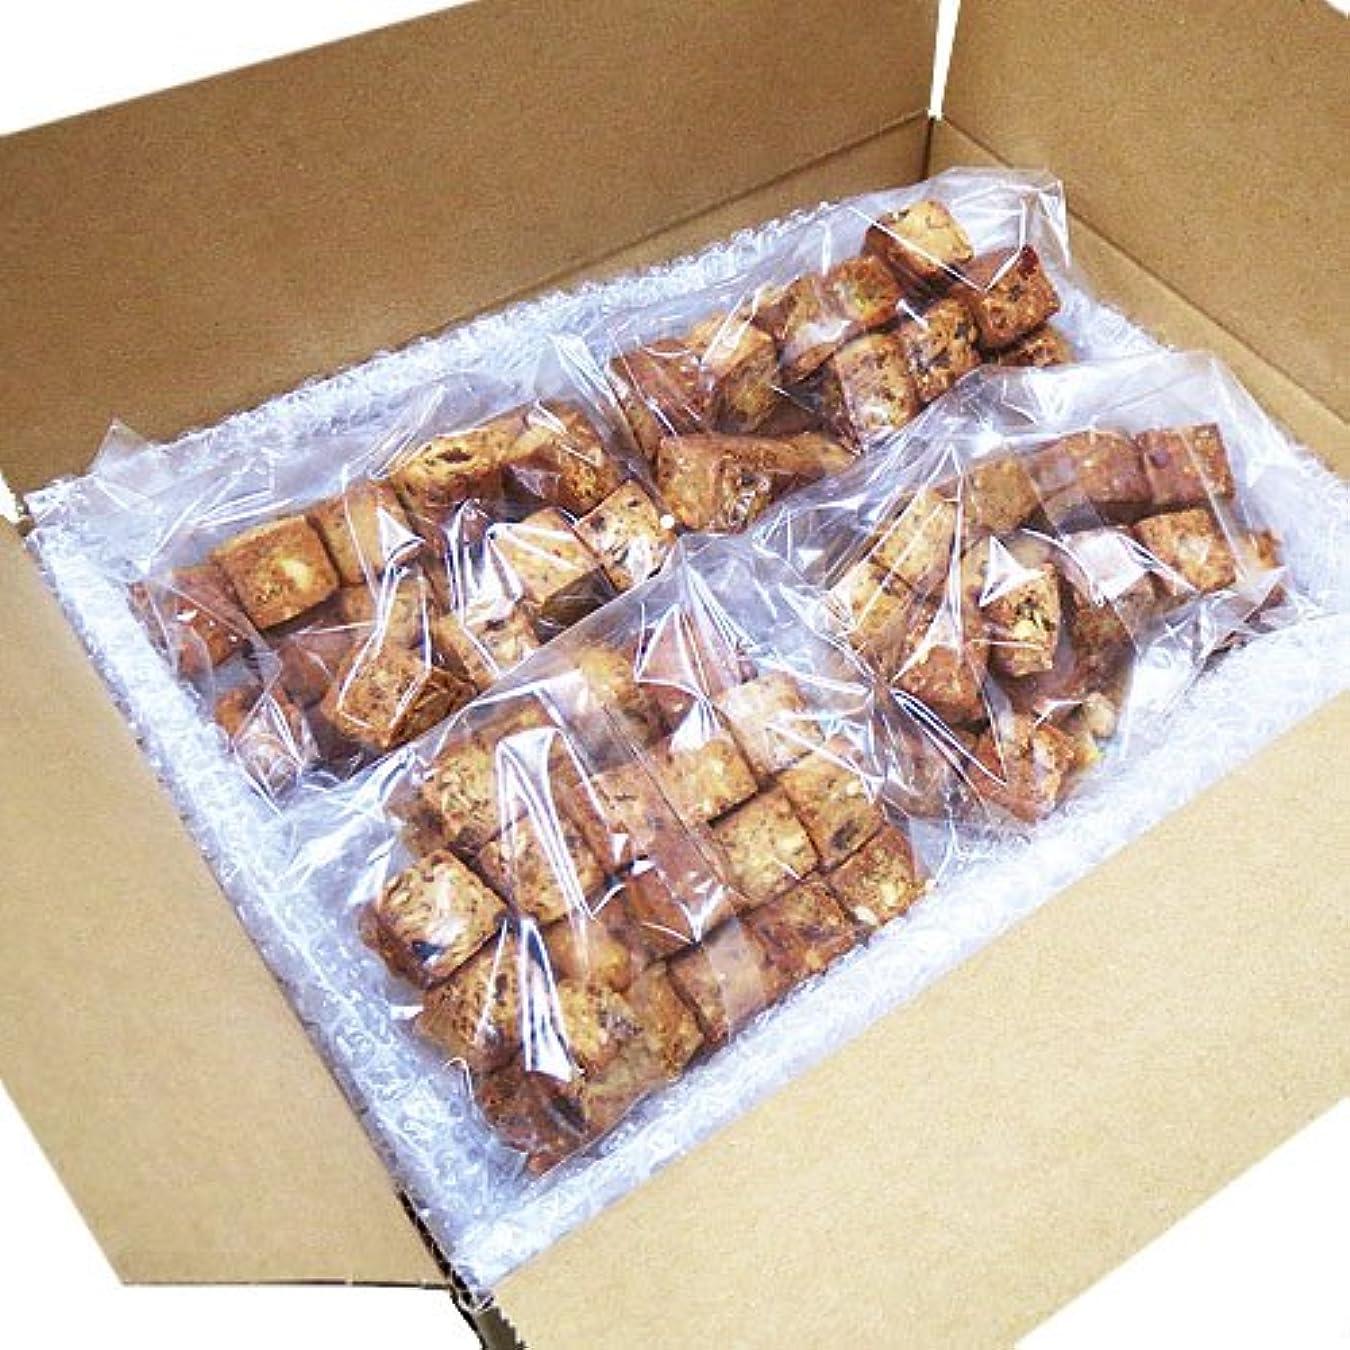 スーダン直感皮蒲屋忠兵衛商店  大麦と果実のソイキューブ  800g(200g×4袋)